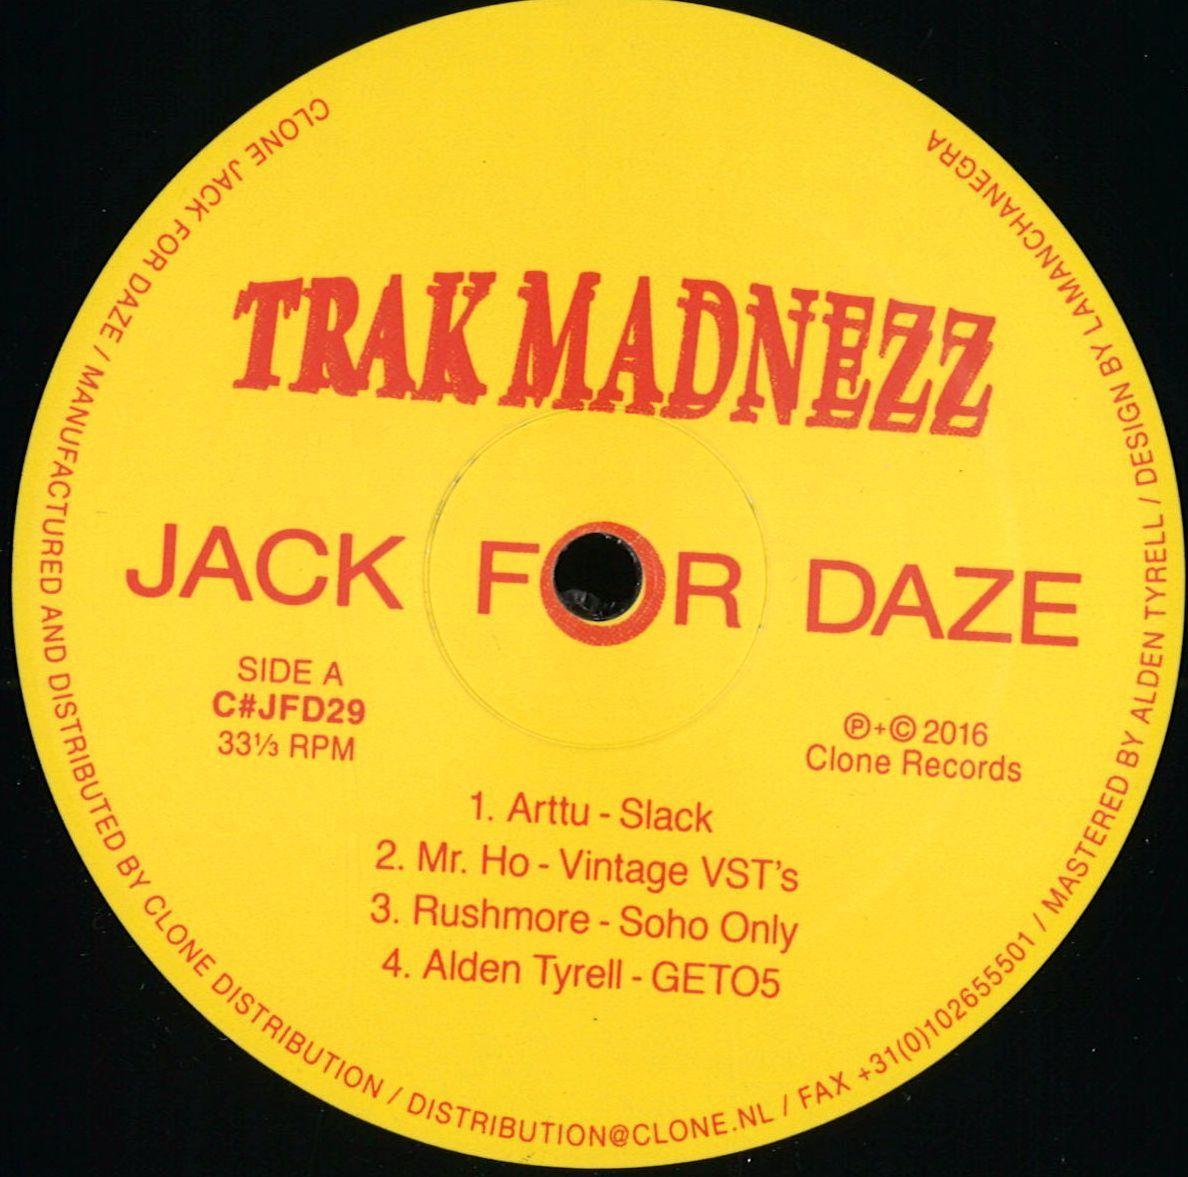 V.A. - Trak Madnezz (Jack For Daze)